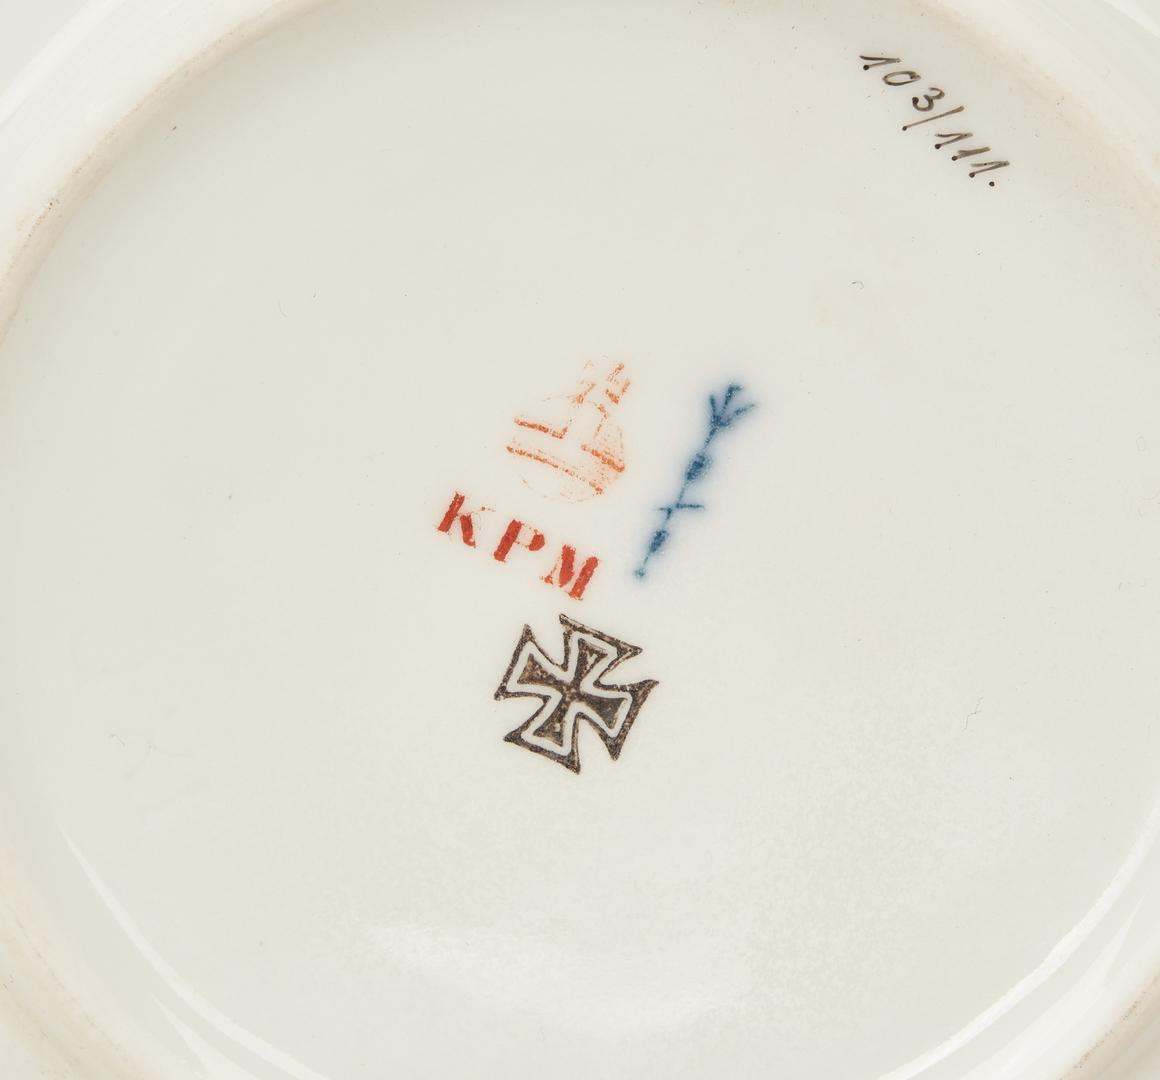 Lot 839: 18 Meissen and KPM Porcelain Items, incl. Kakiemon Plate